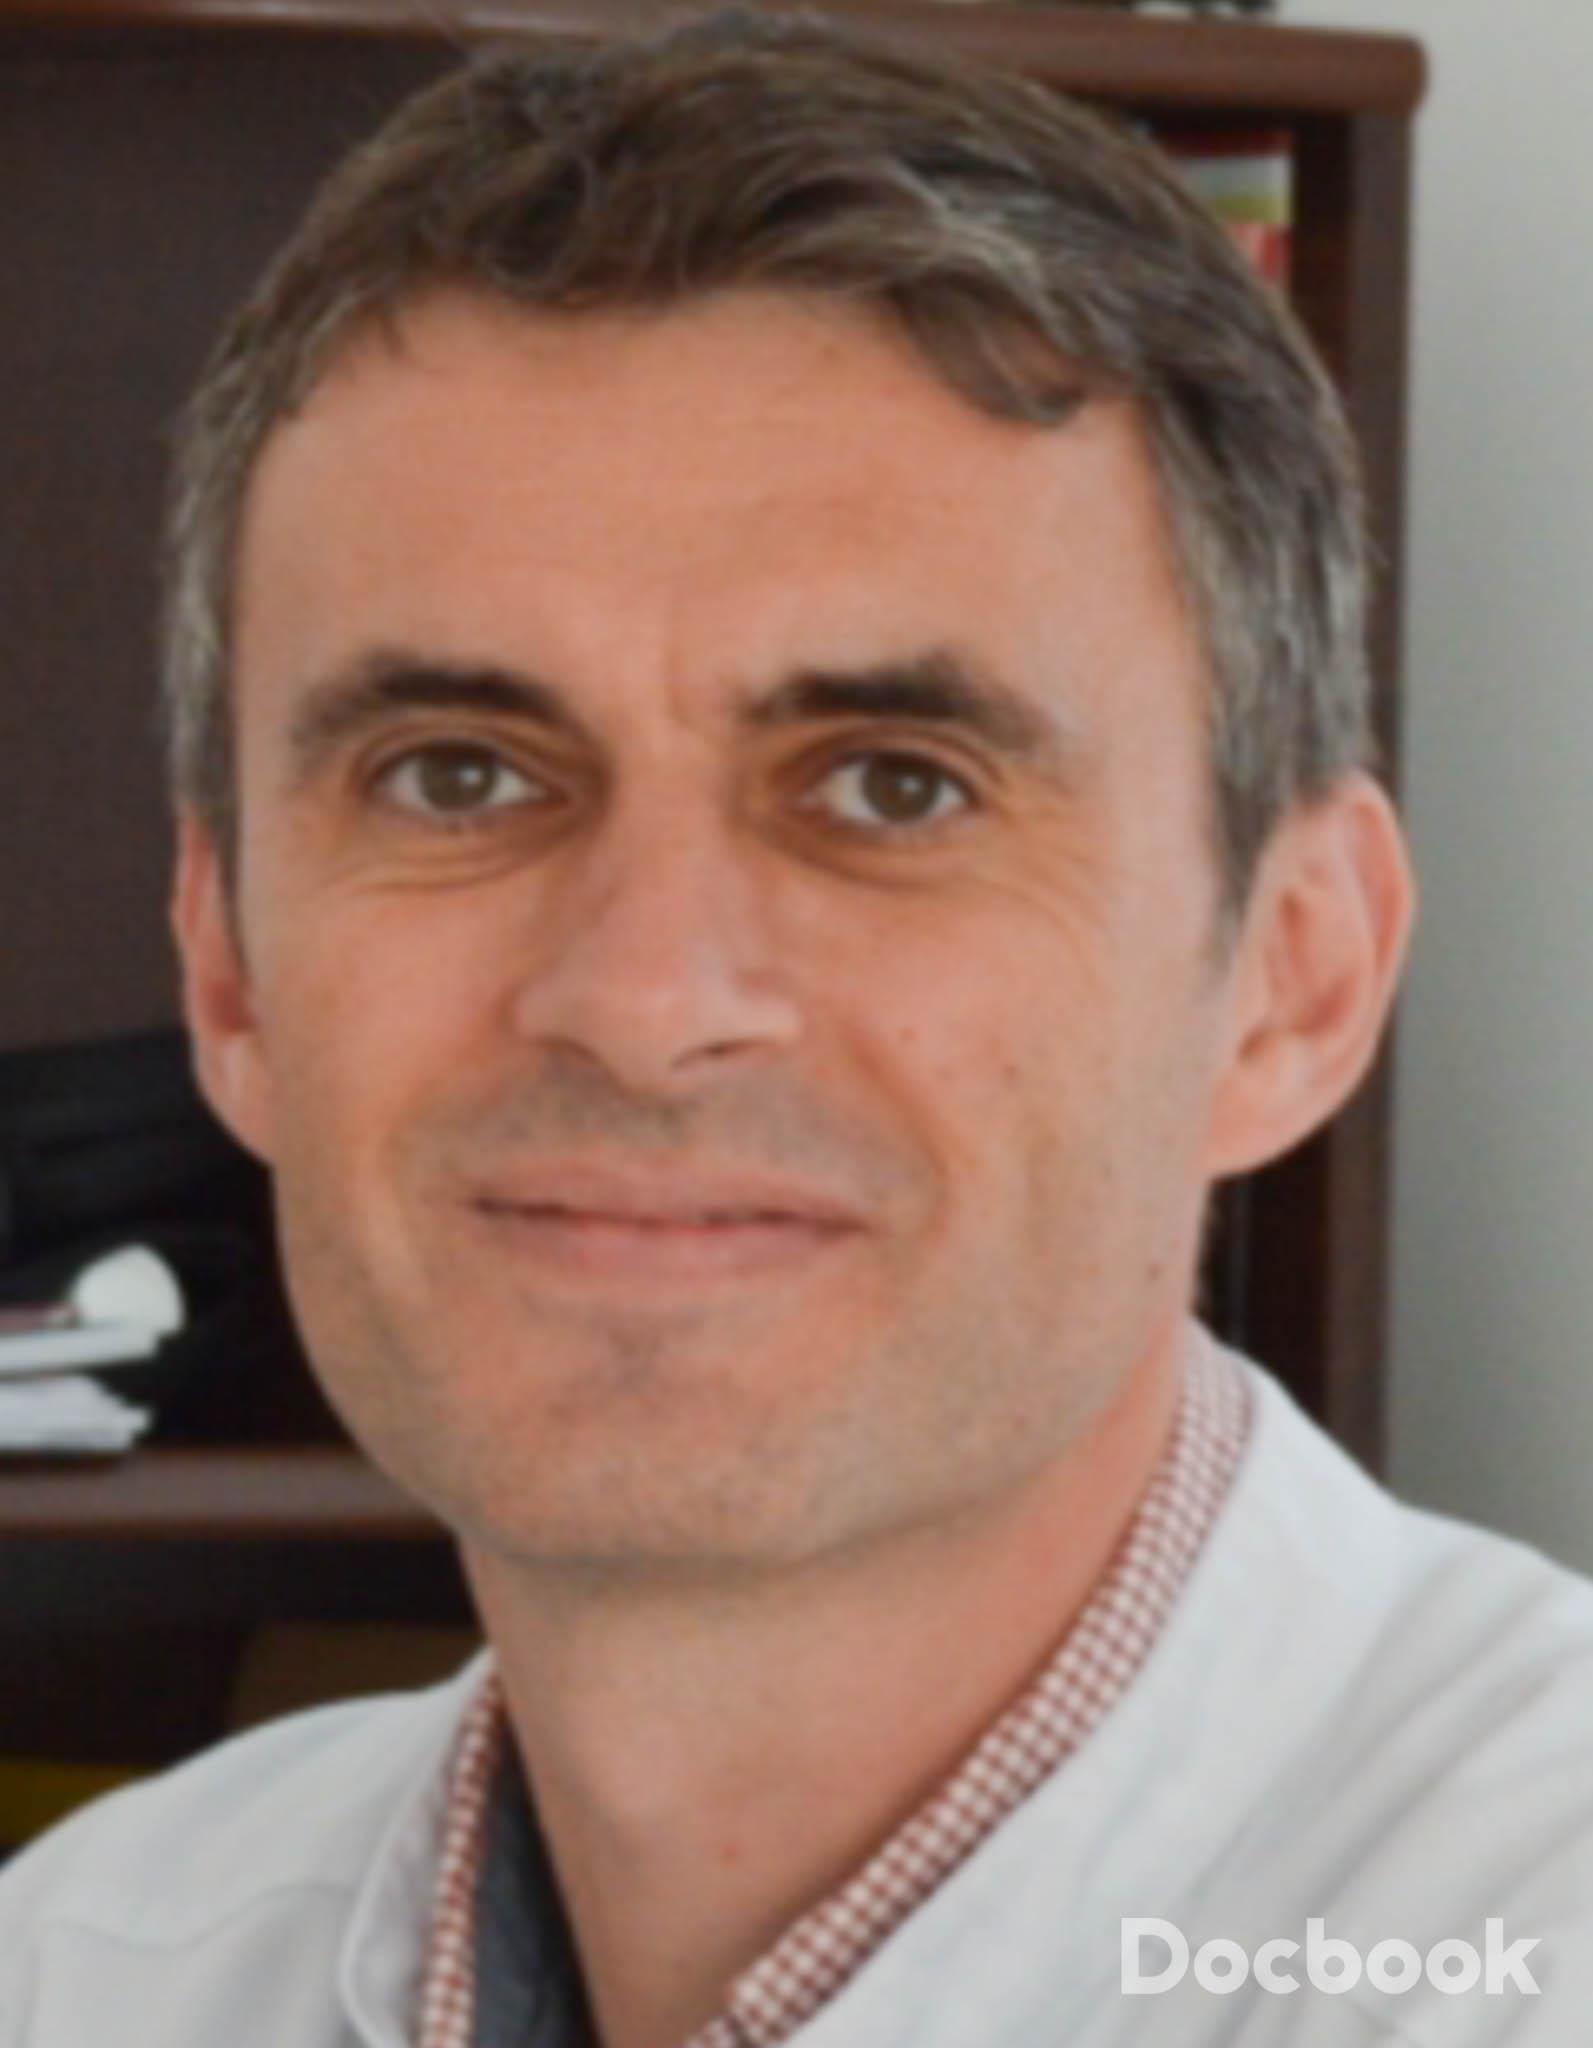 Dr. Patrick Danciu